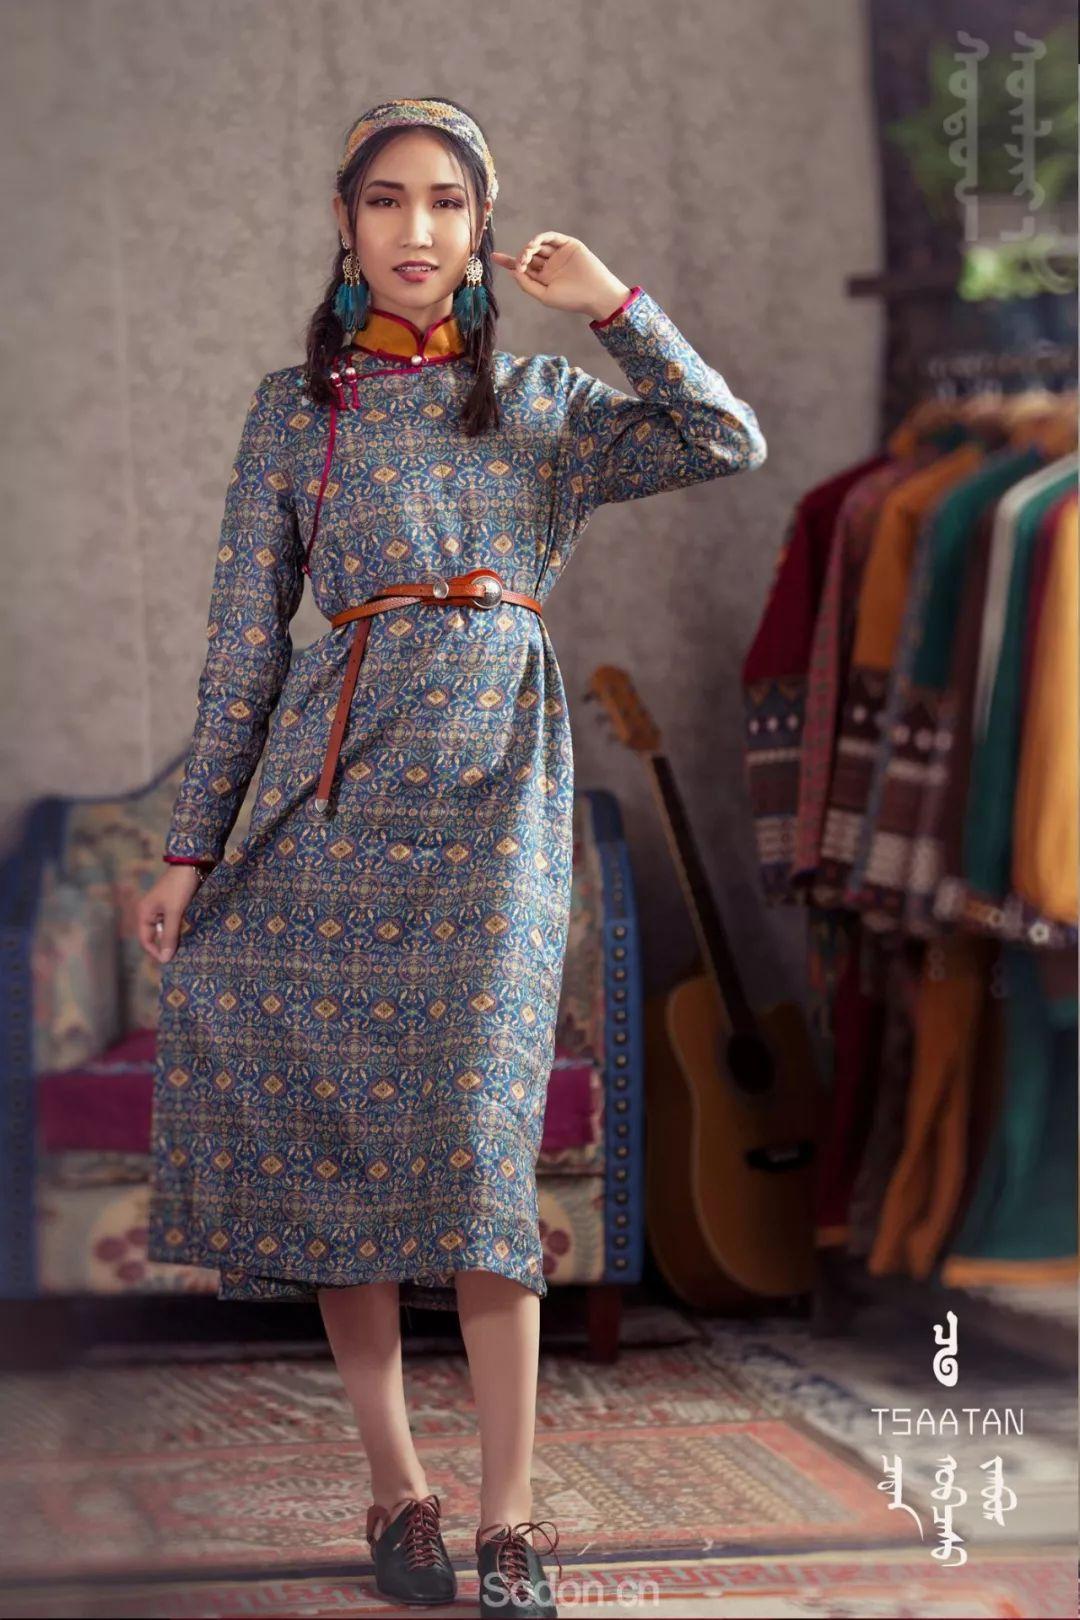 TSAATAN蒙古时装 2019新款,来自驯鹿人的独特魅力! 第27张 TSAATAN蒙古时装 2019新款,来自驯鹿人的独特魅力! 蒙古服饰